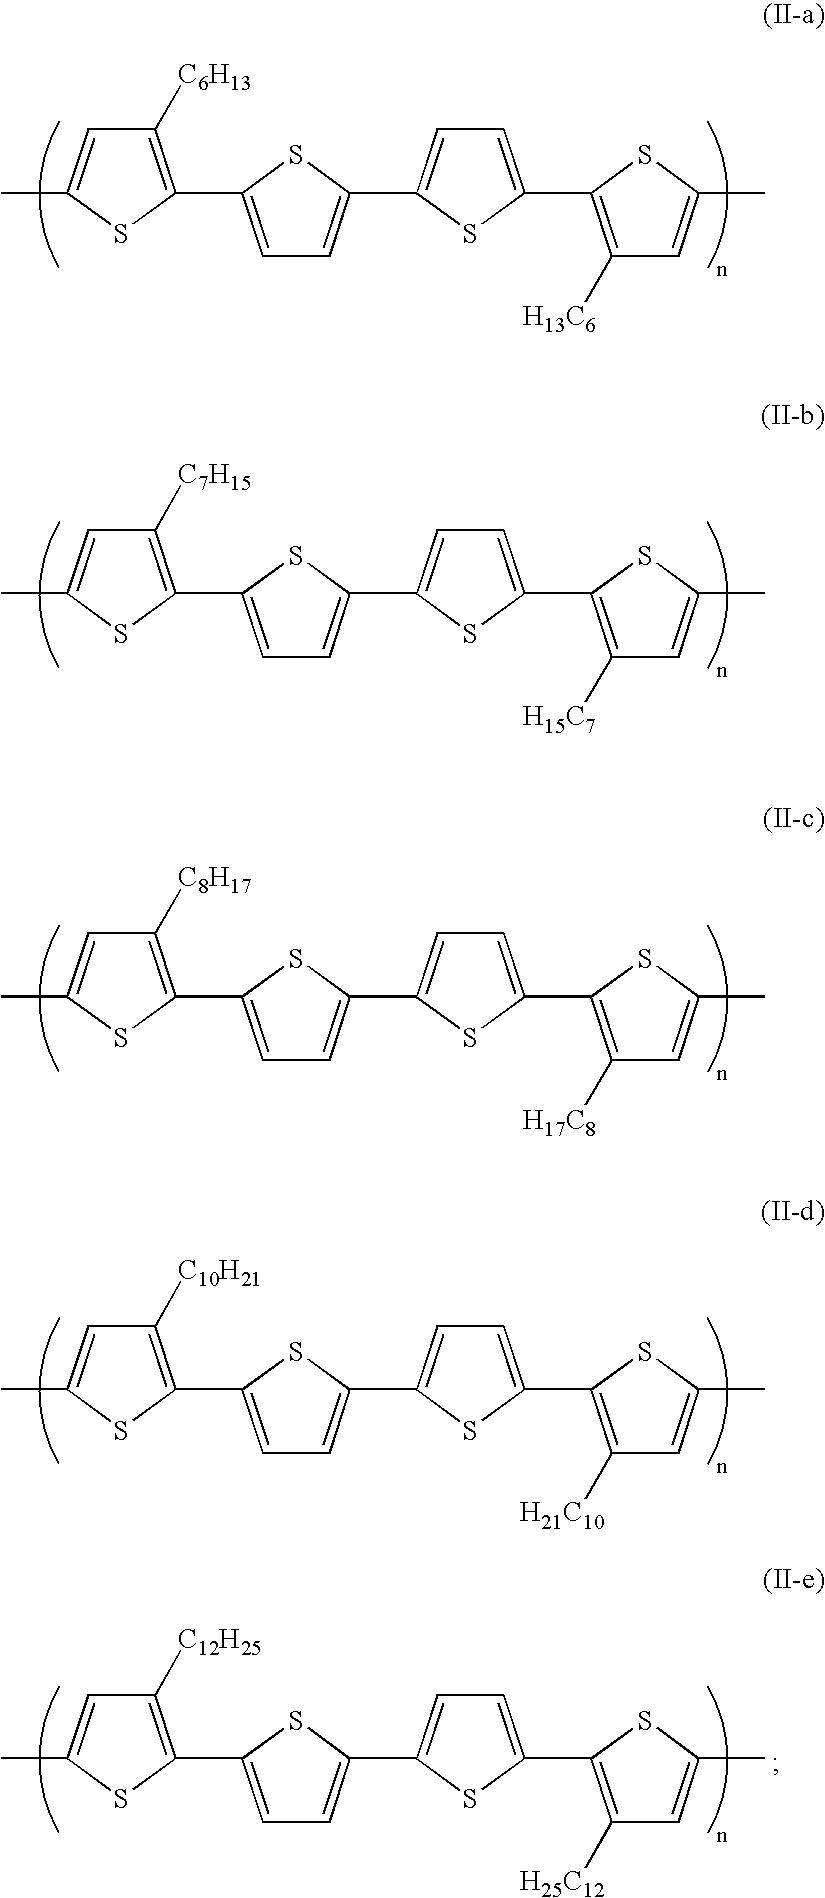 Figure US20070117963A1-20070524-C00014